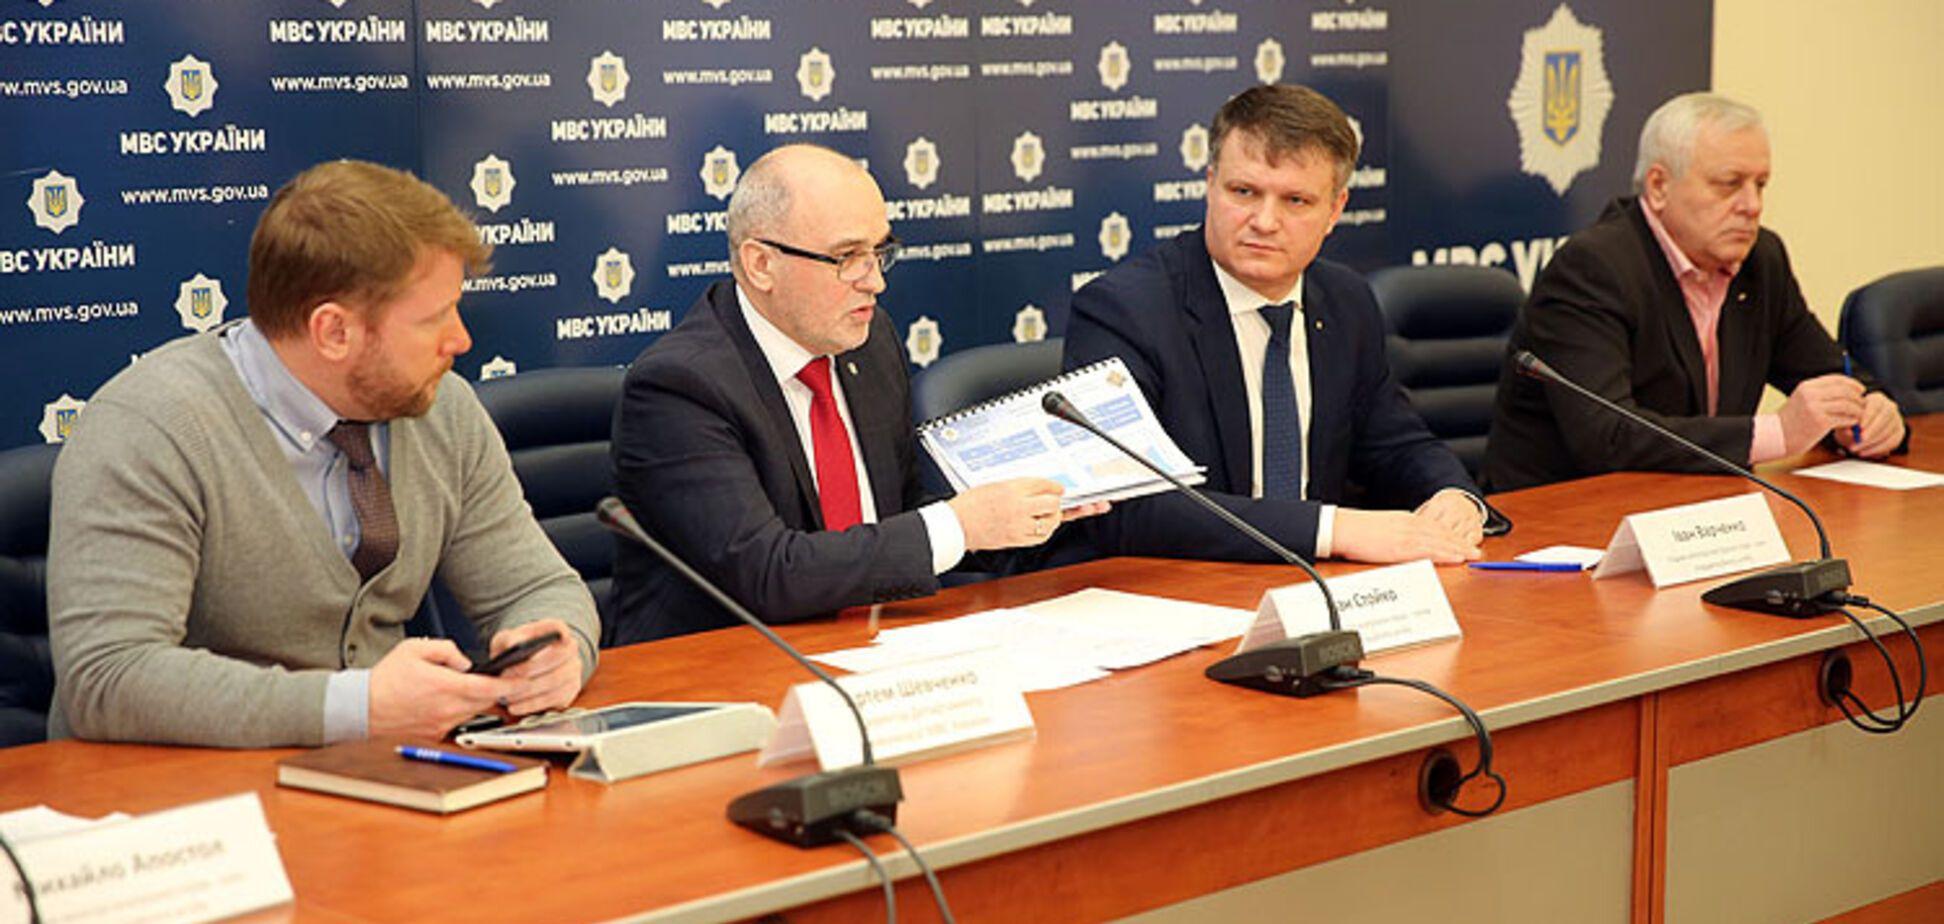 Вибори в Україні: в поліції склали плани безпеки для всіх областей